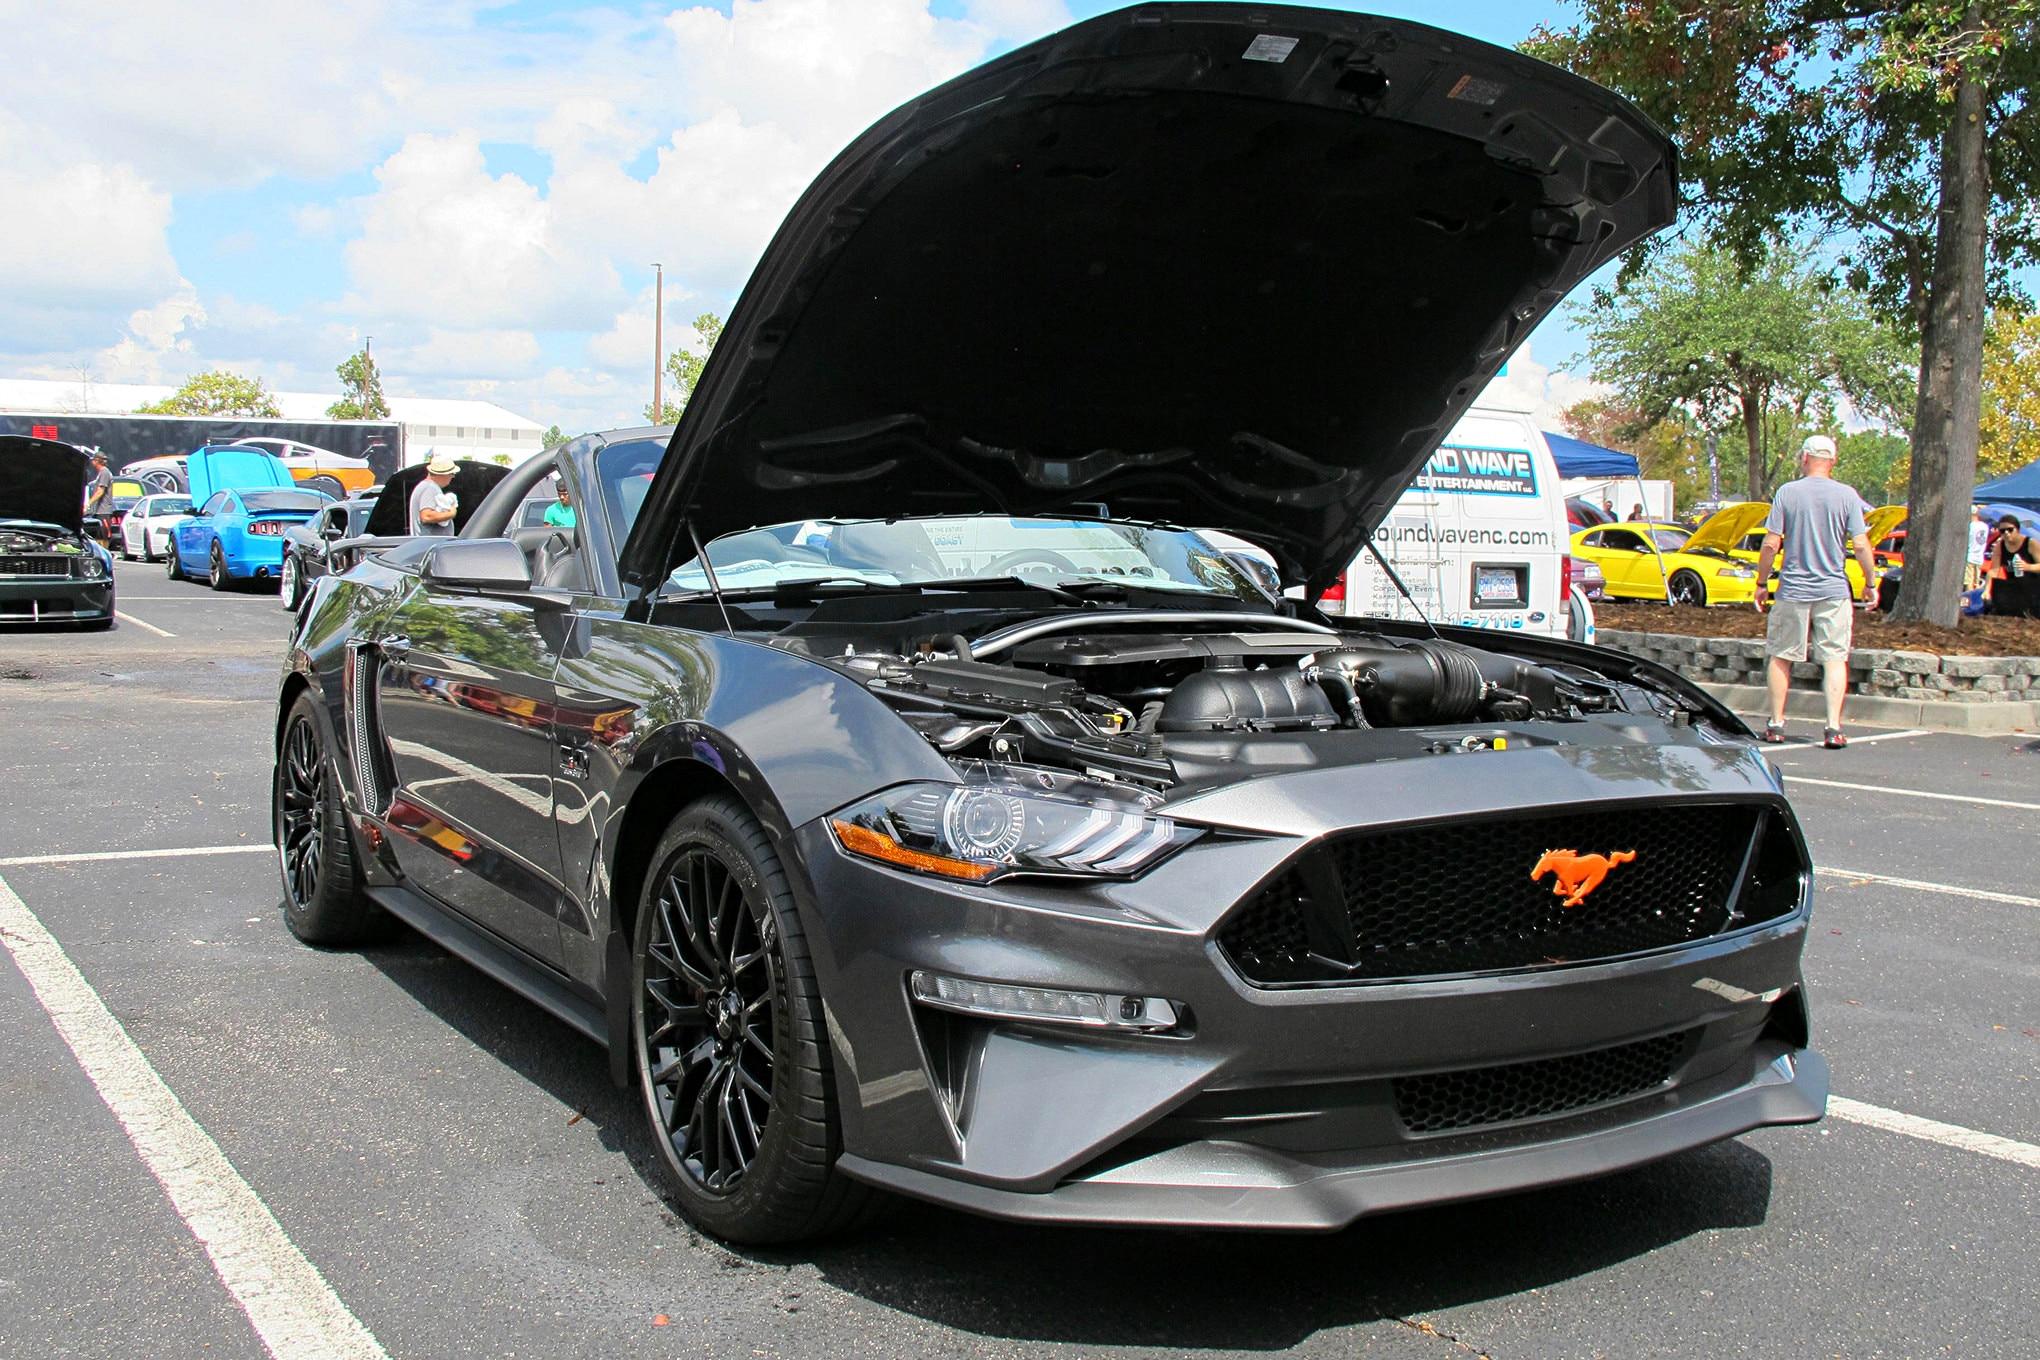 033 2018 Mustang Week S550 Mustangs